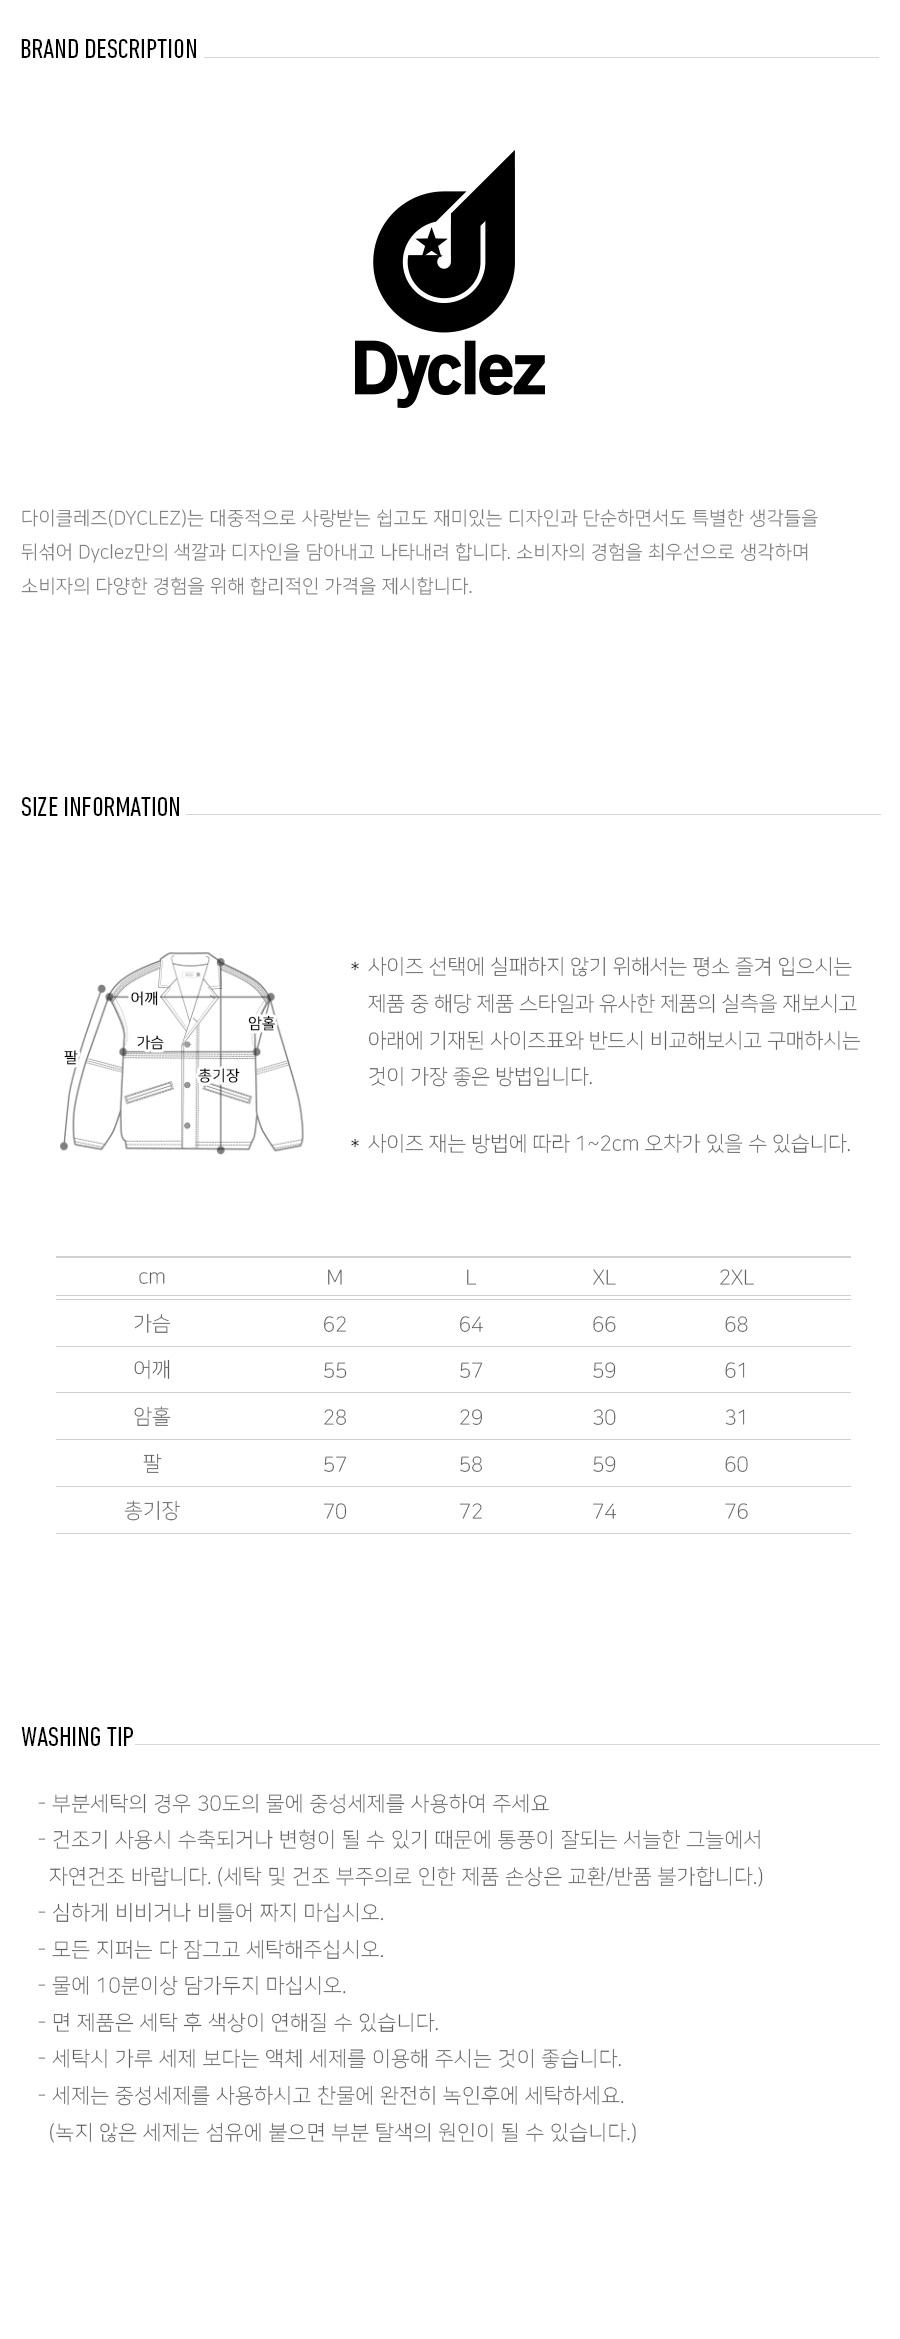 [다이클레즈] 리얼 옥스포드 코치자켓 4종 KHOT5111